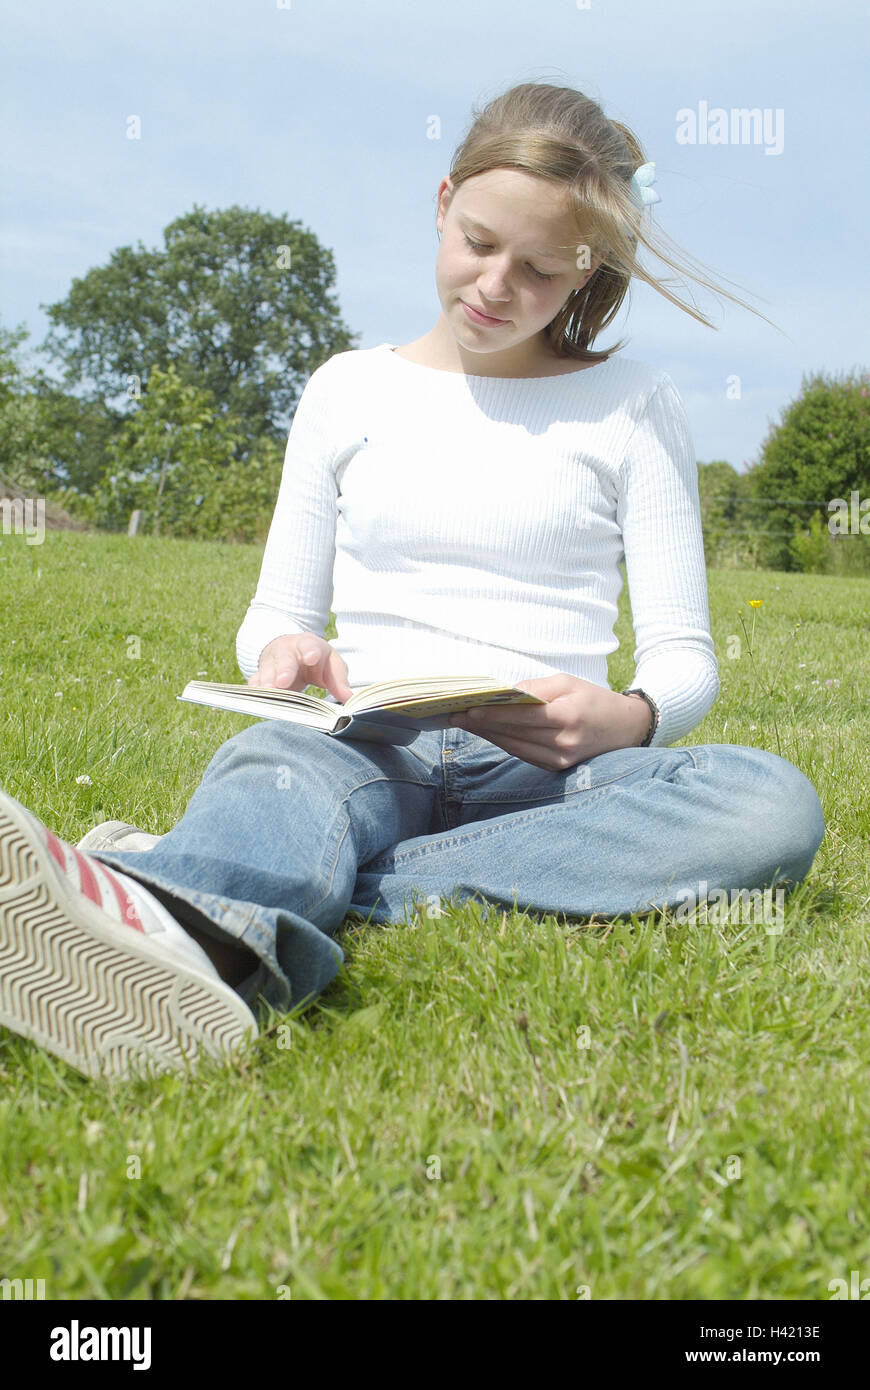 Pre Fille S Asseoir Lire Livre Jeunesse Adolescent